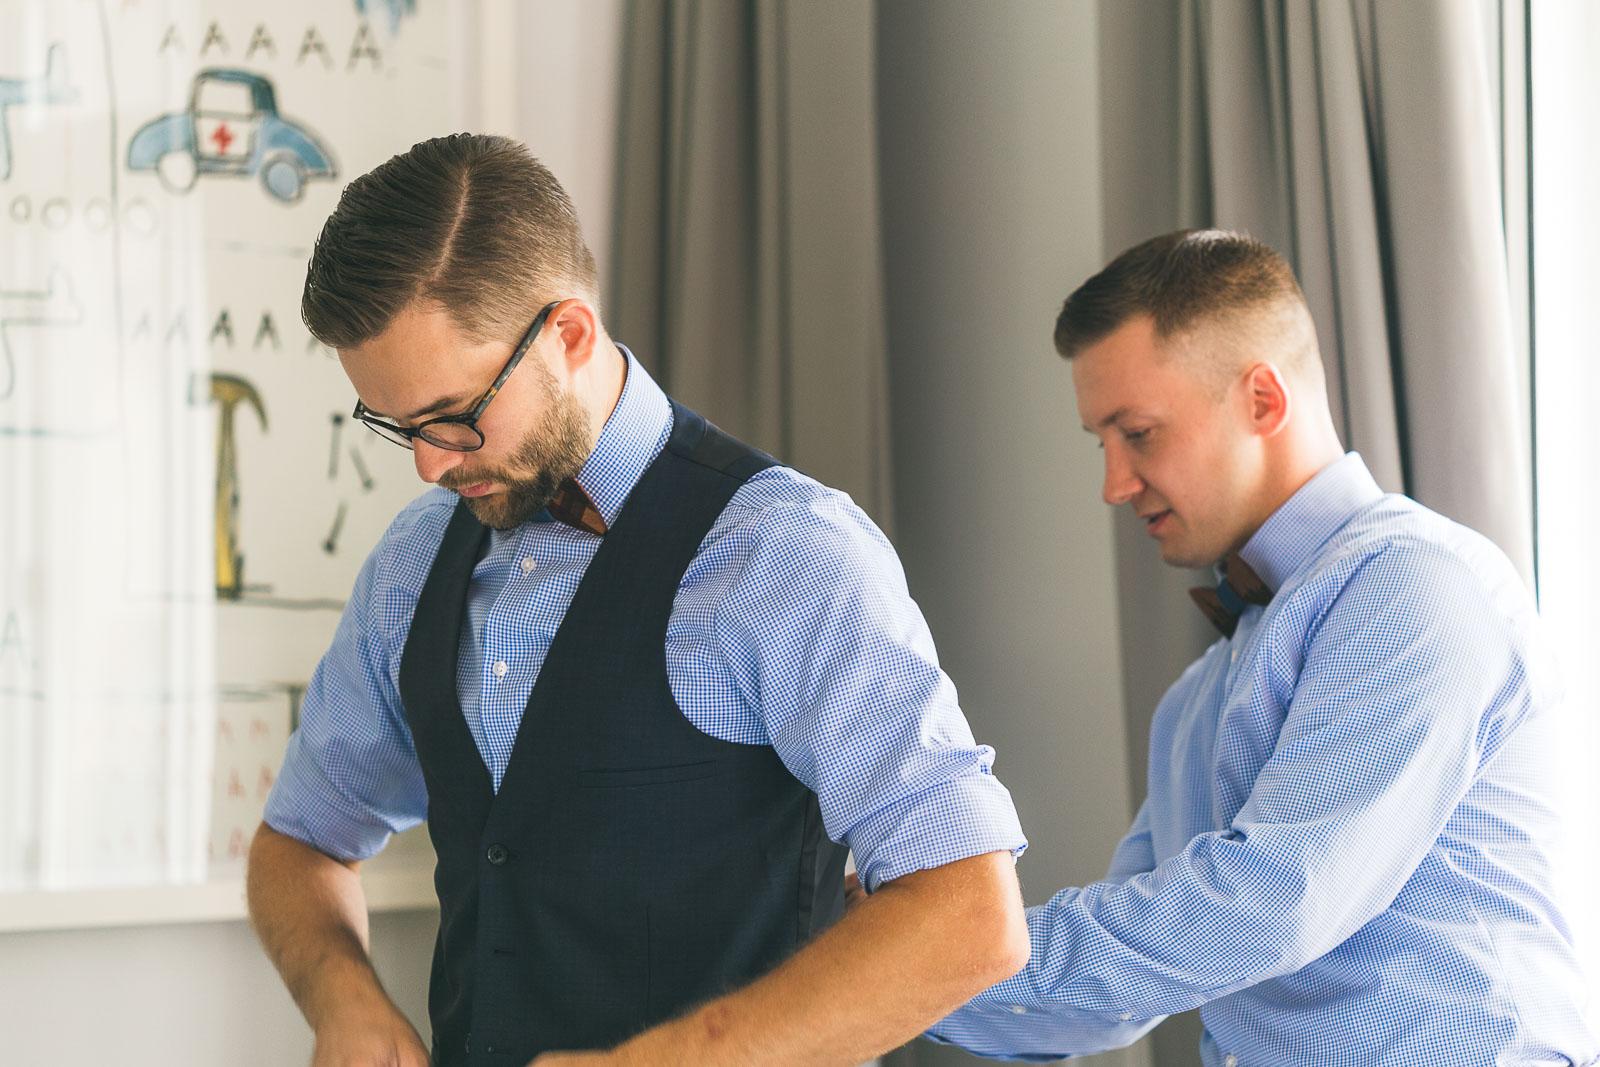 Groom helps grooms man